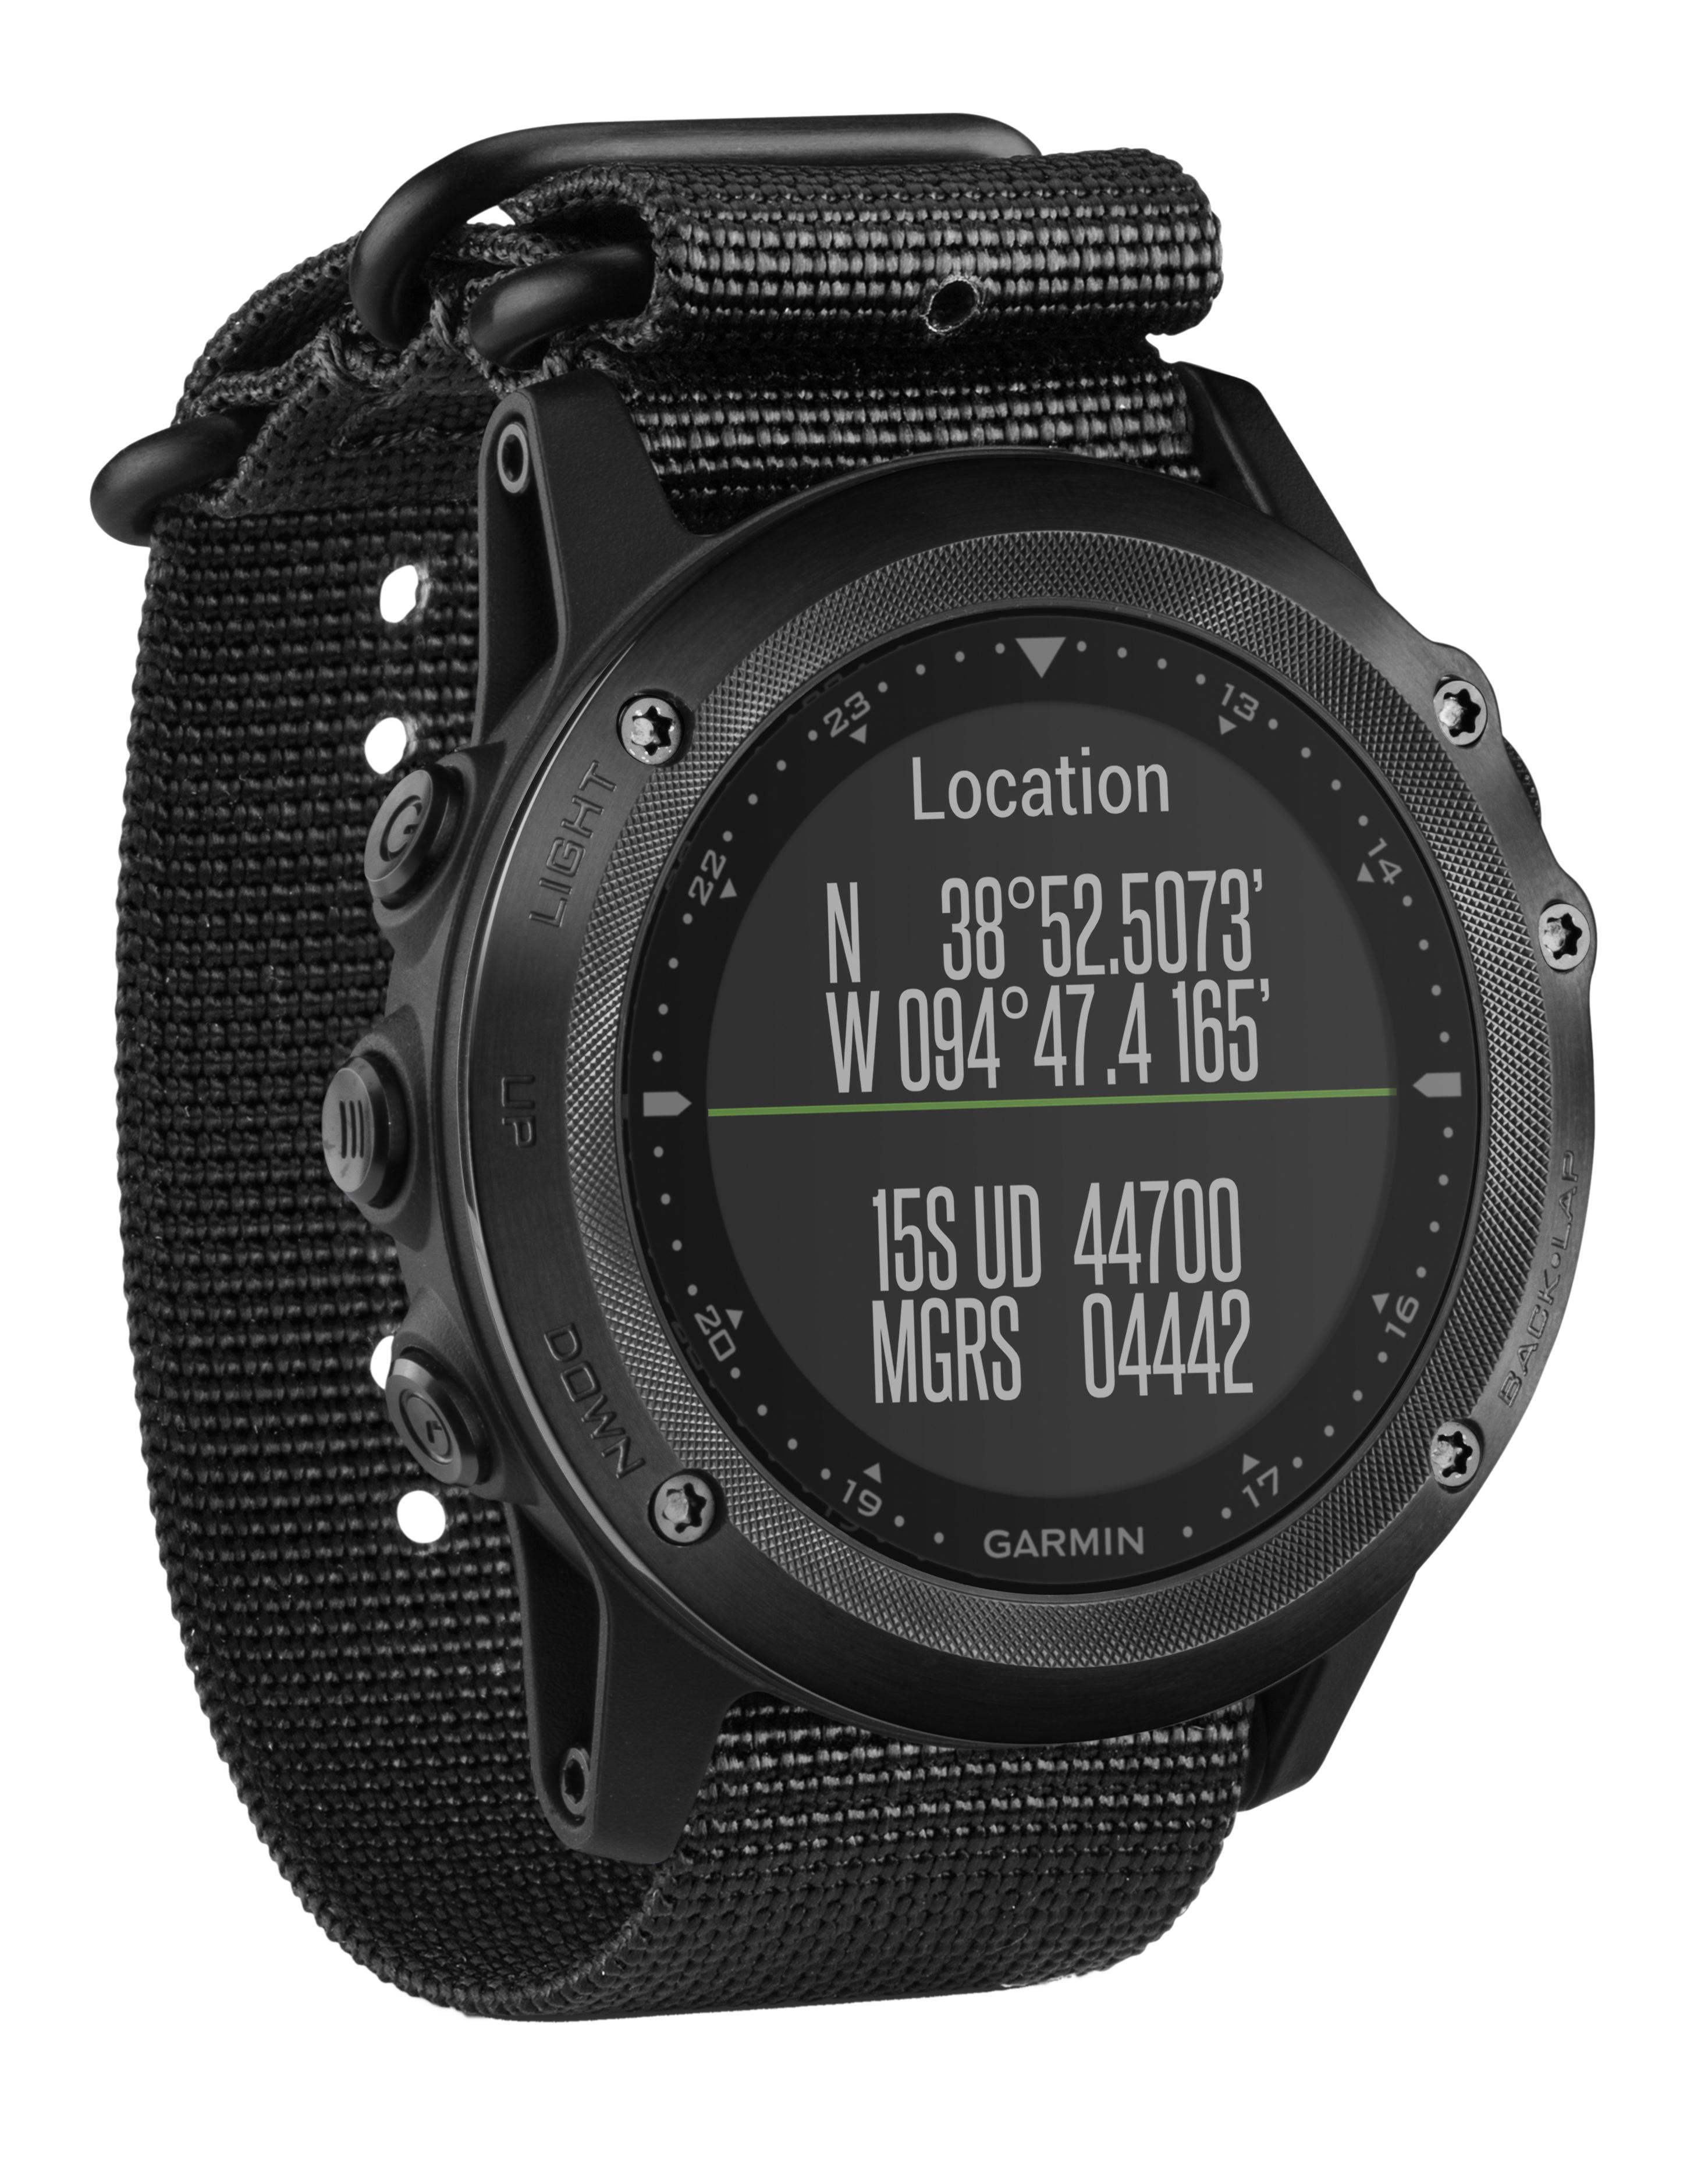 Garmin Tactix Bravo GPS Watch with